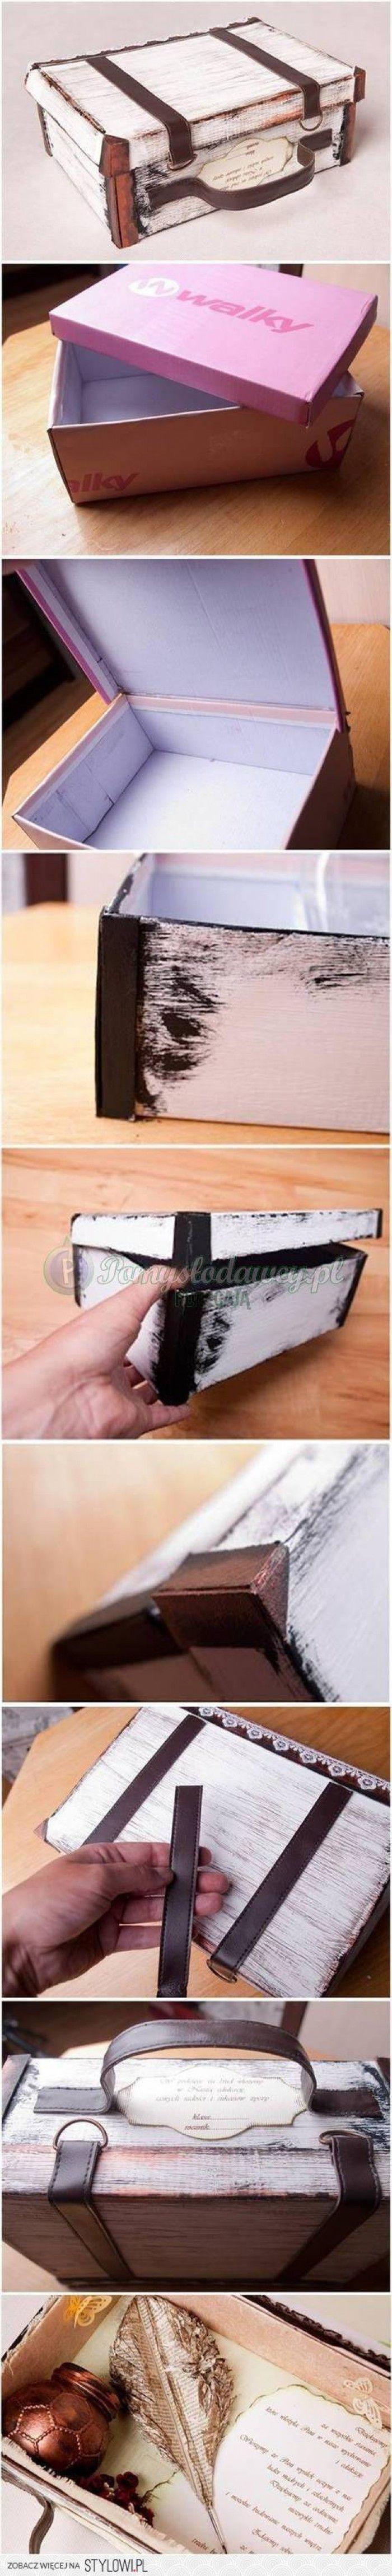 oude doos zelf maken van schoendoos